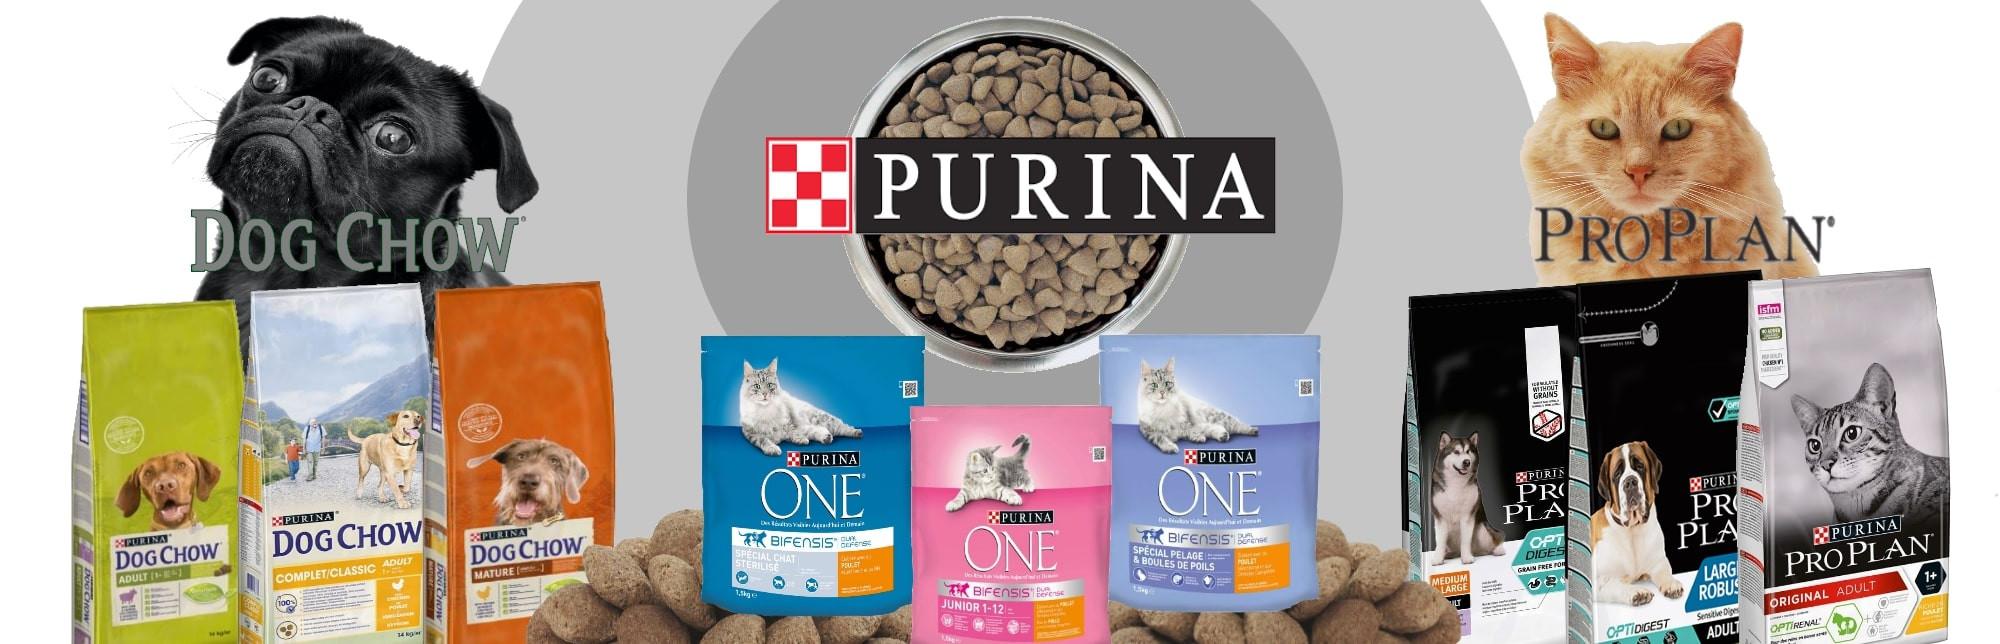 Purina pour chiens et chats